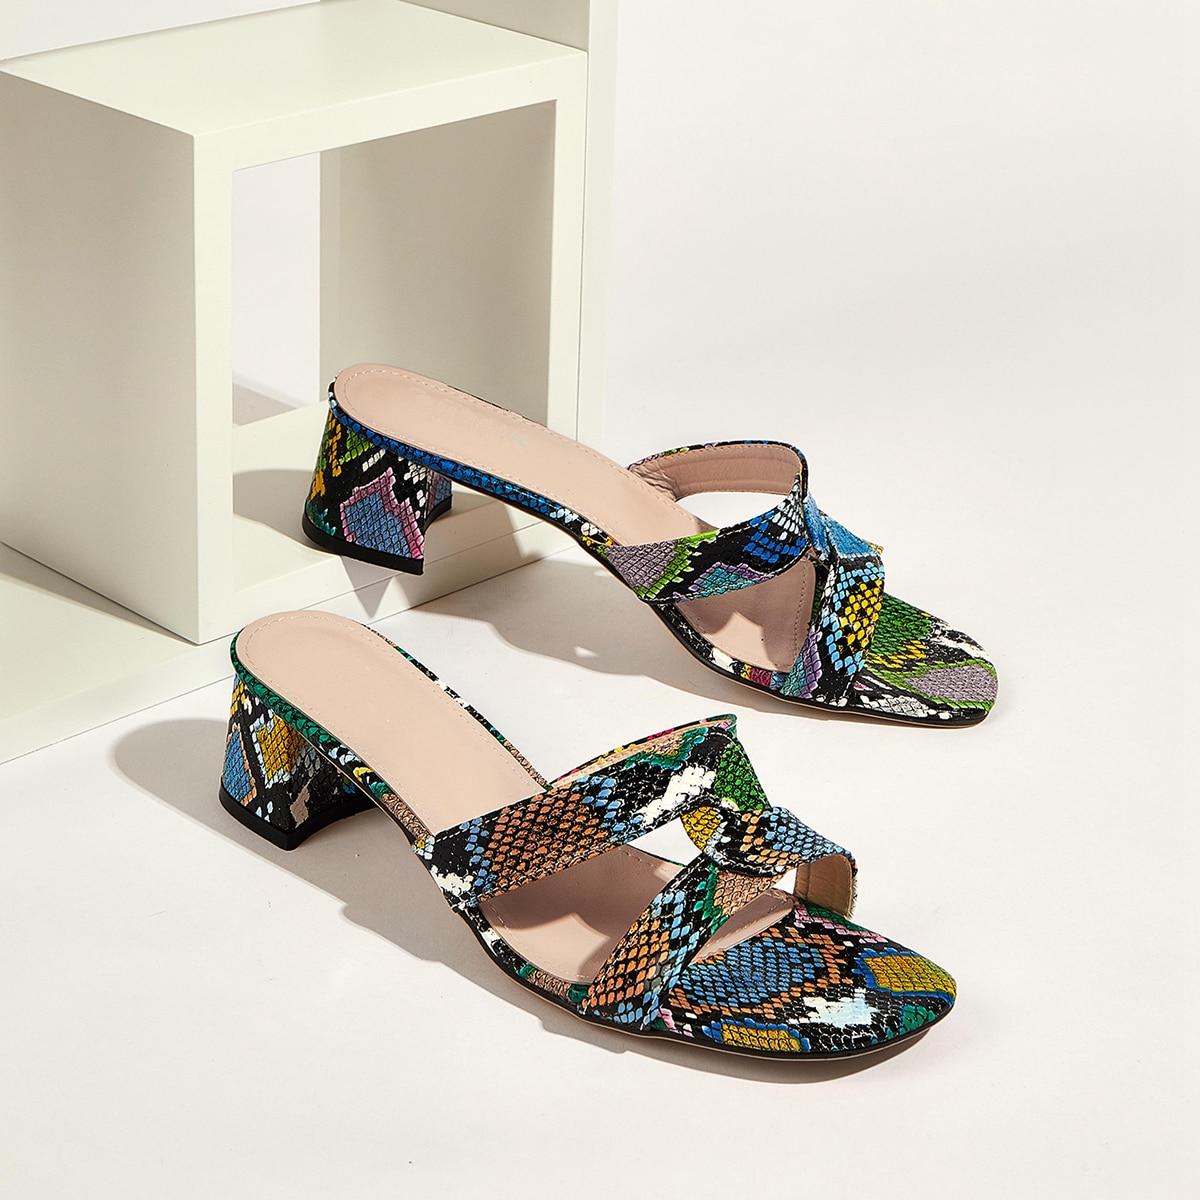 shein sandali con tacco grosso in pelle di serpente spuntati donna